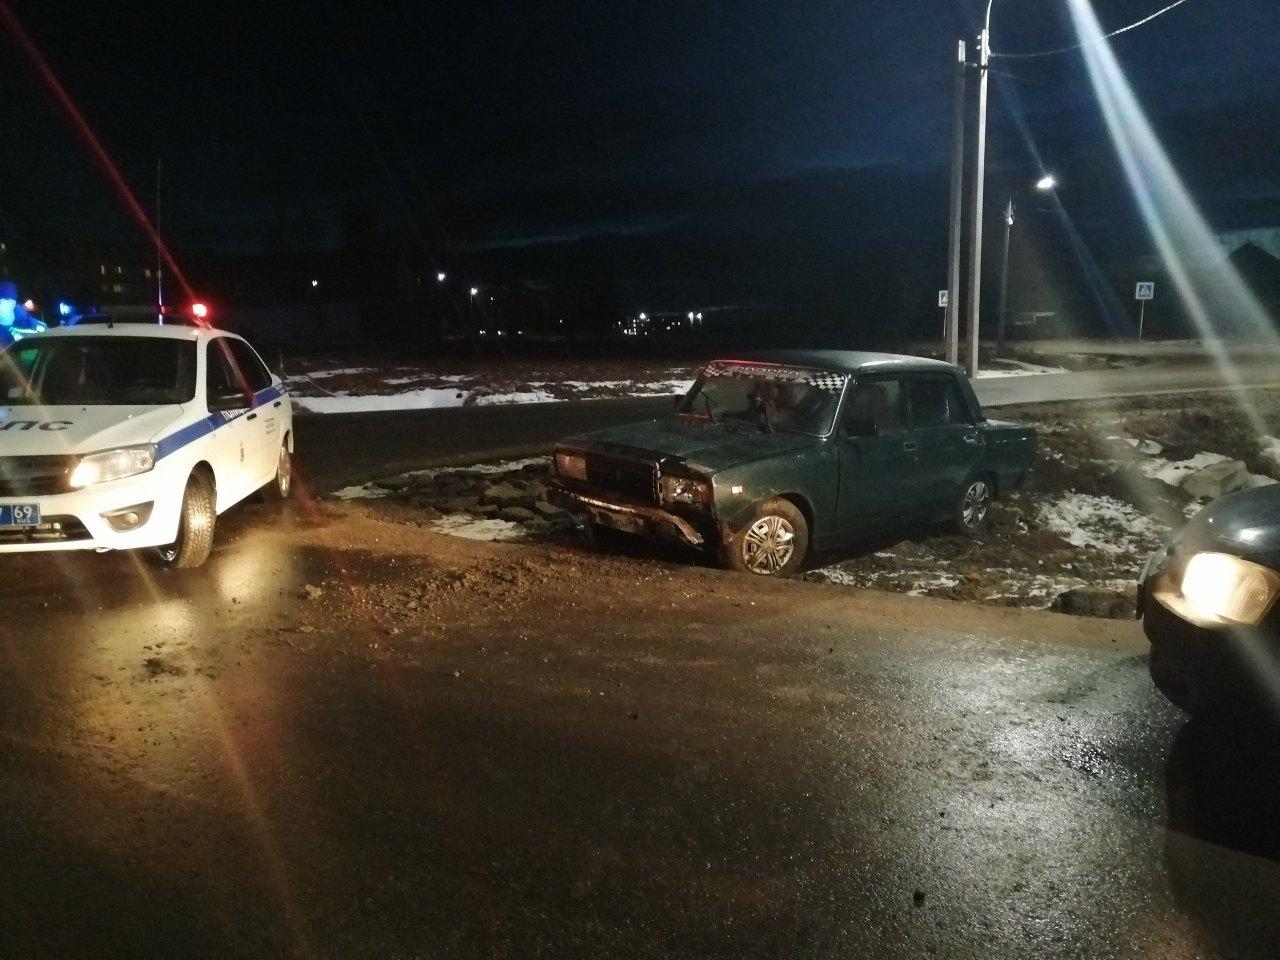 Пытаясь скрыться от ГИБДД, пьяный водитель влетел в дорожный знак